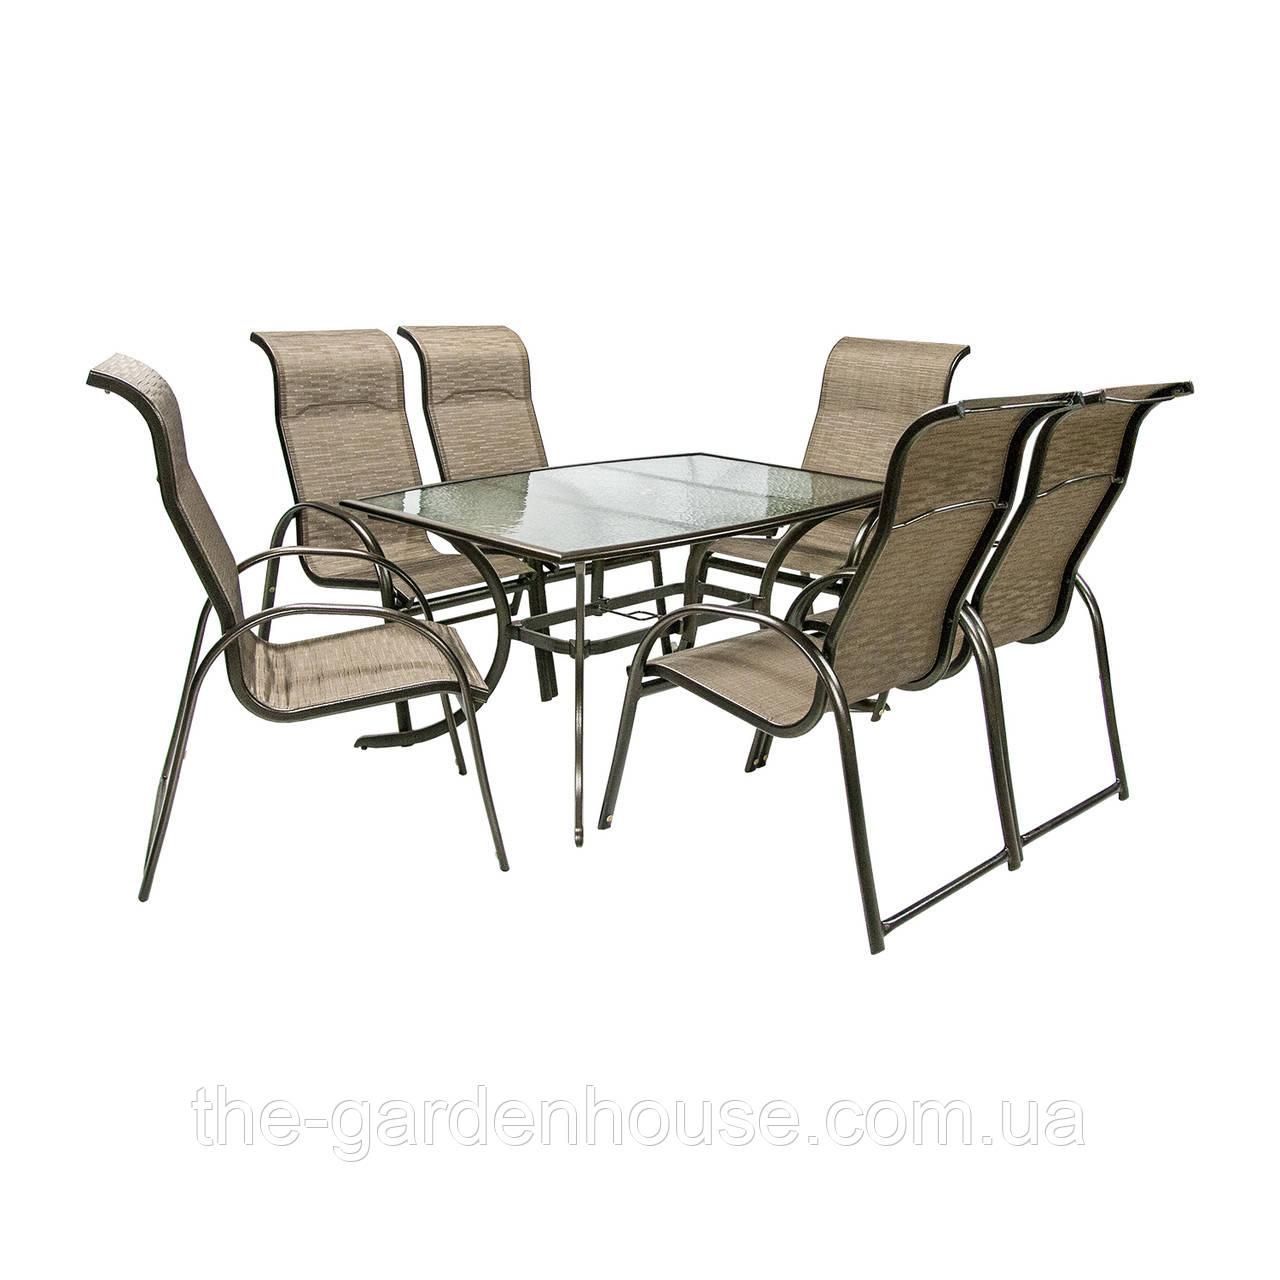 Столовый набор садовой мебели Montreal: стол со стеклом и 6 стульев из текстилена